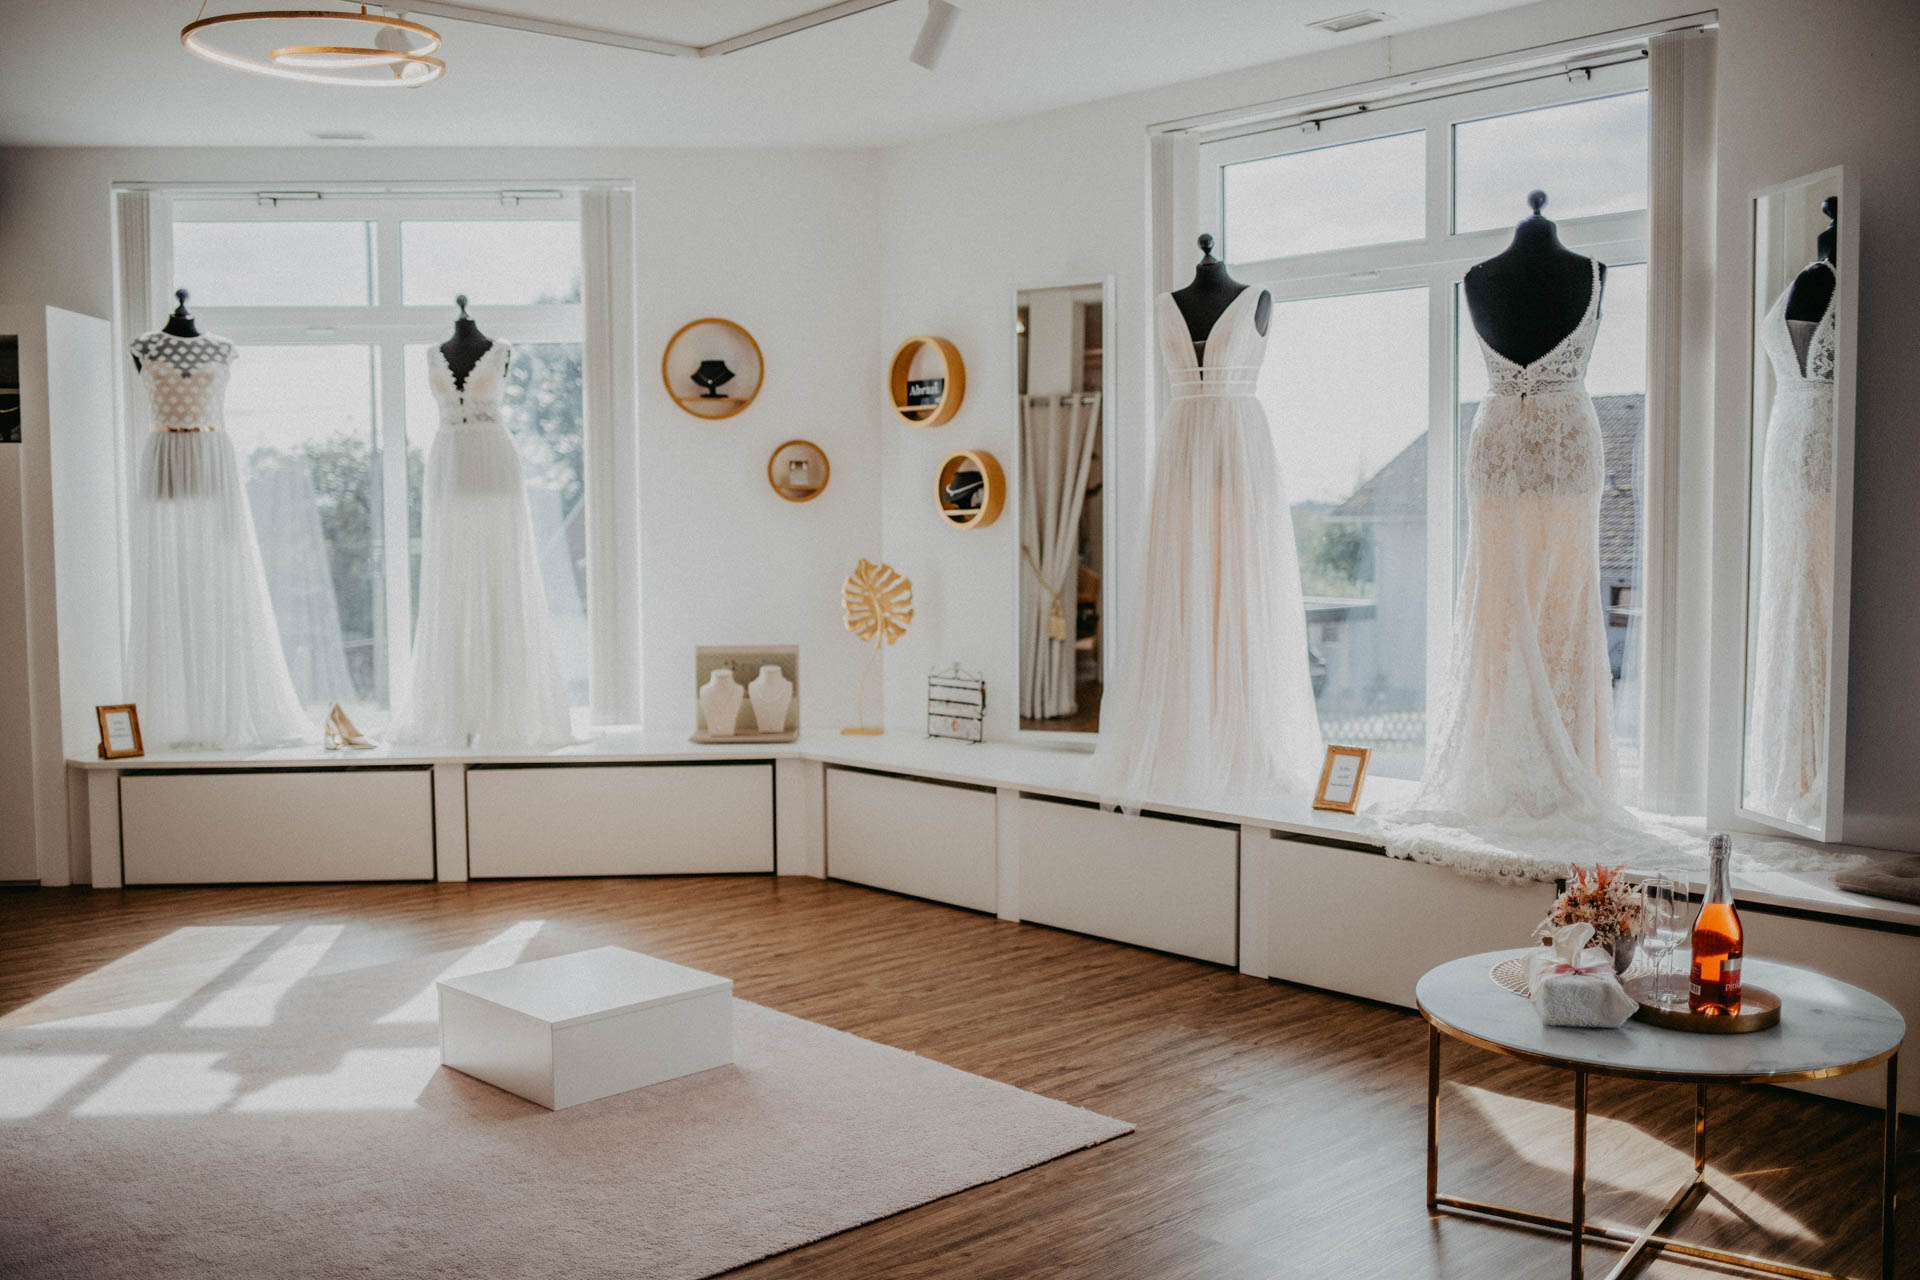 Brautmode Ingolstadt Kuessdiebraut Brautkleider In Lenting Erleben